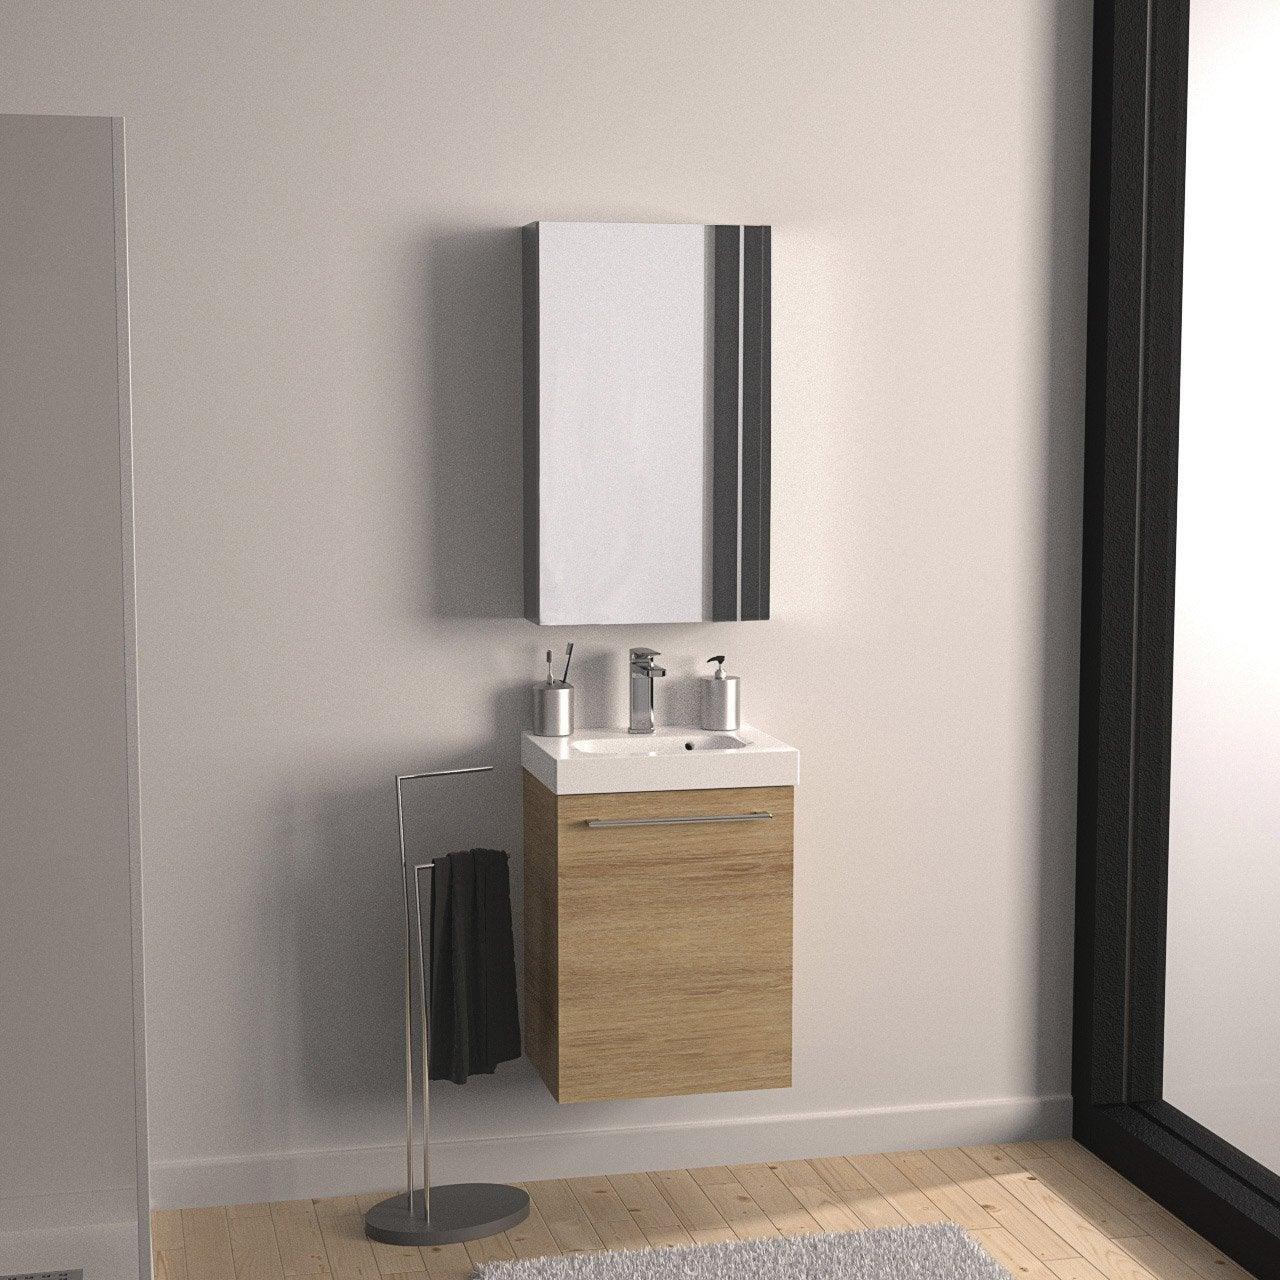 Meuble de salle de bains remix imitation ch ne 46x35 5 cm 1 porte leroy me - Meuble de toilette leroy merlin ...